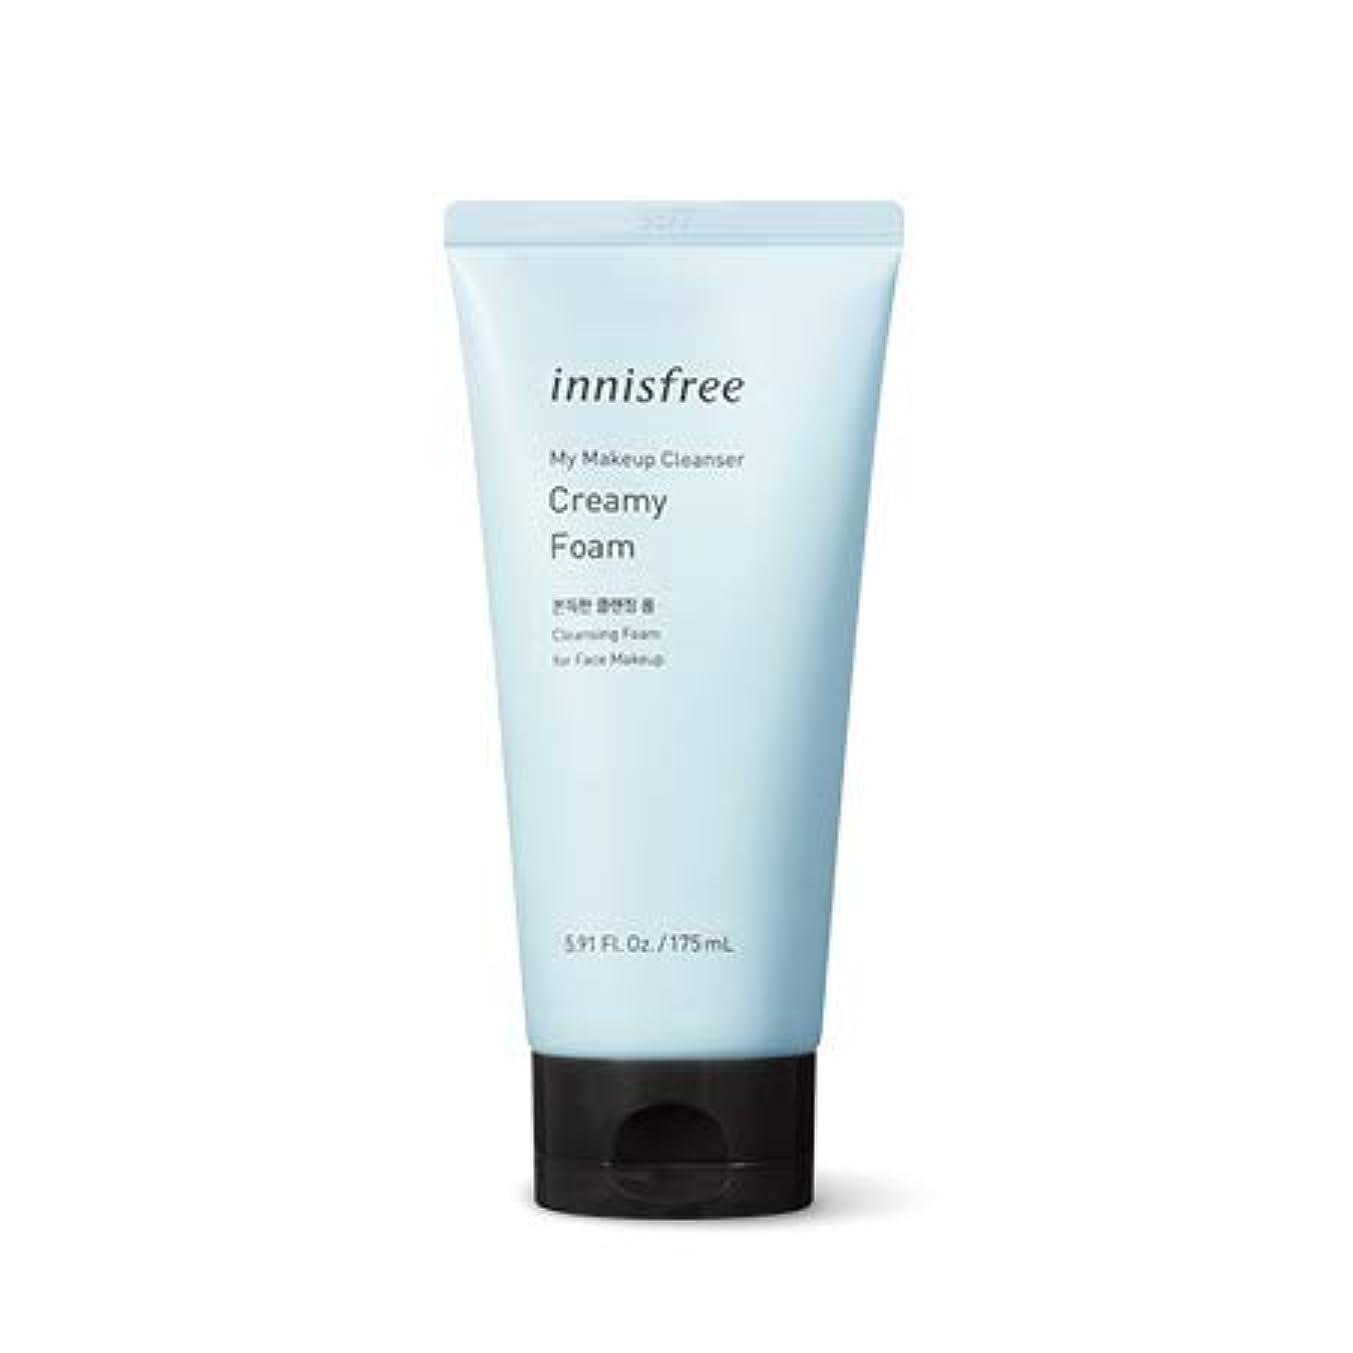 ツール少しアーカイブ[イニスフリー.innisfree]マイメイククレンザー - クリーミーフォーム175mL+ free(laneige。water sleeping mask15ml)/ My Makeup Cleanser - Creamy...